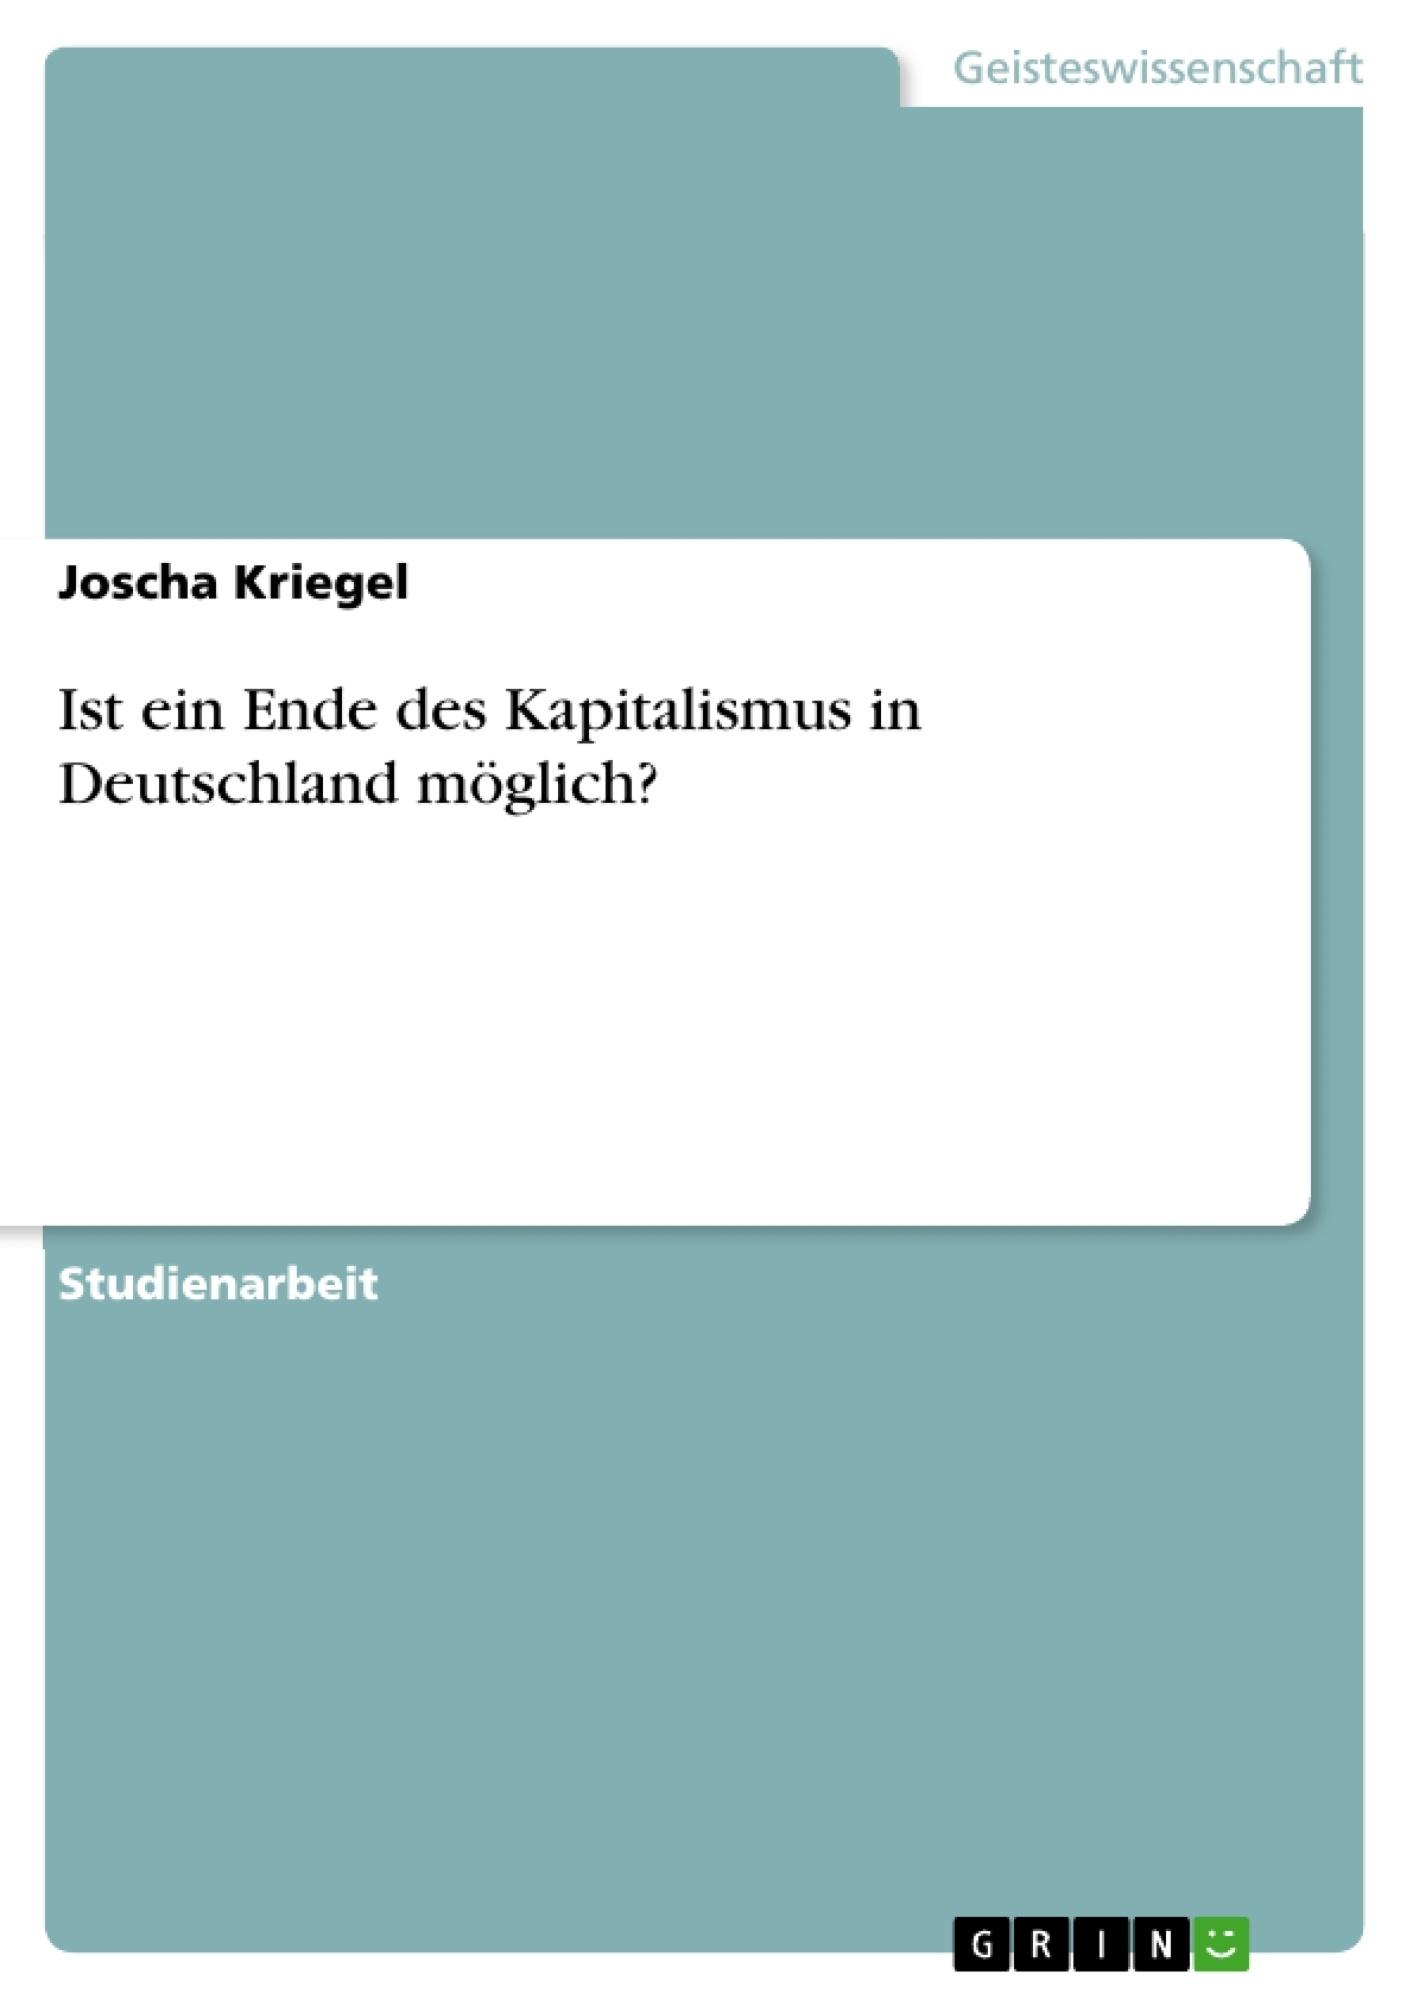 Titel: Ist ein Ende des Kapitalismus in Deutschland möglich?